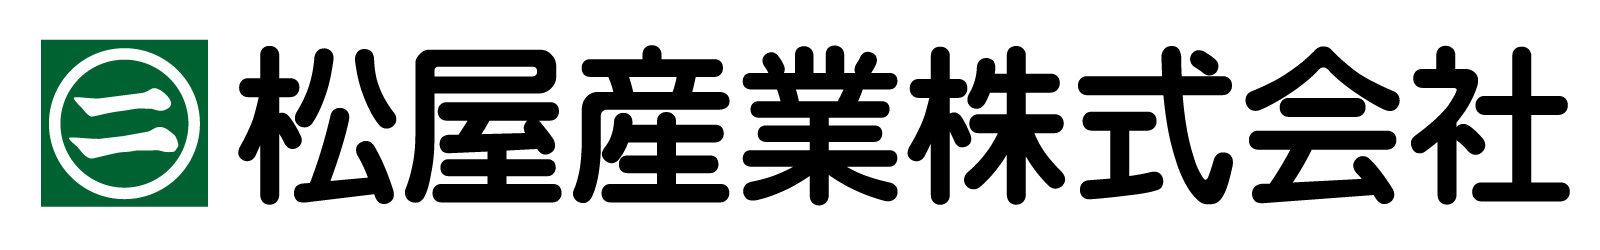 松屋産業株式会社